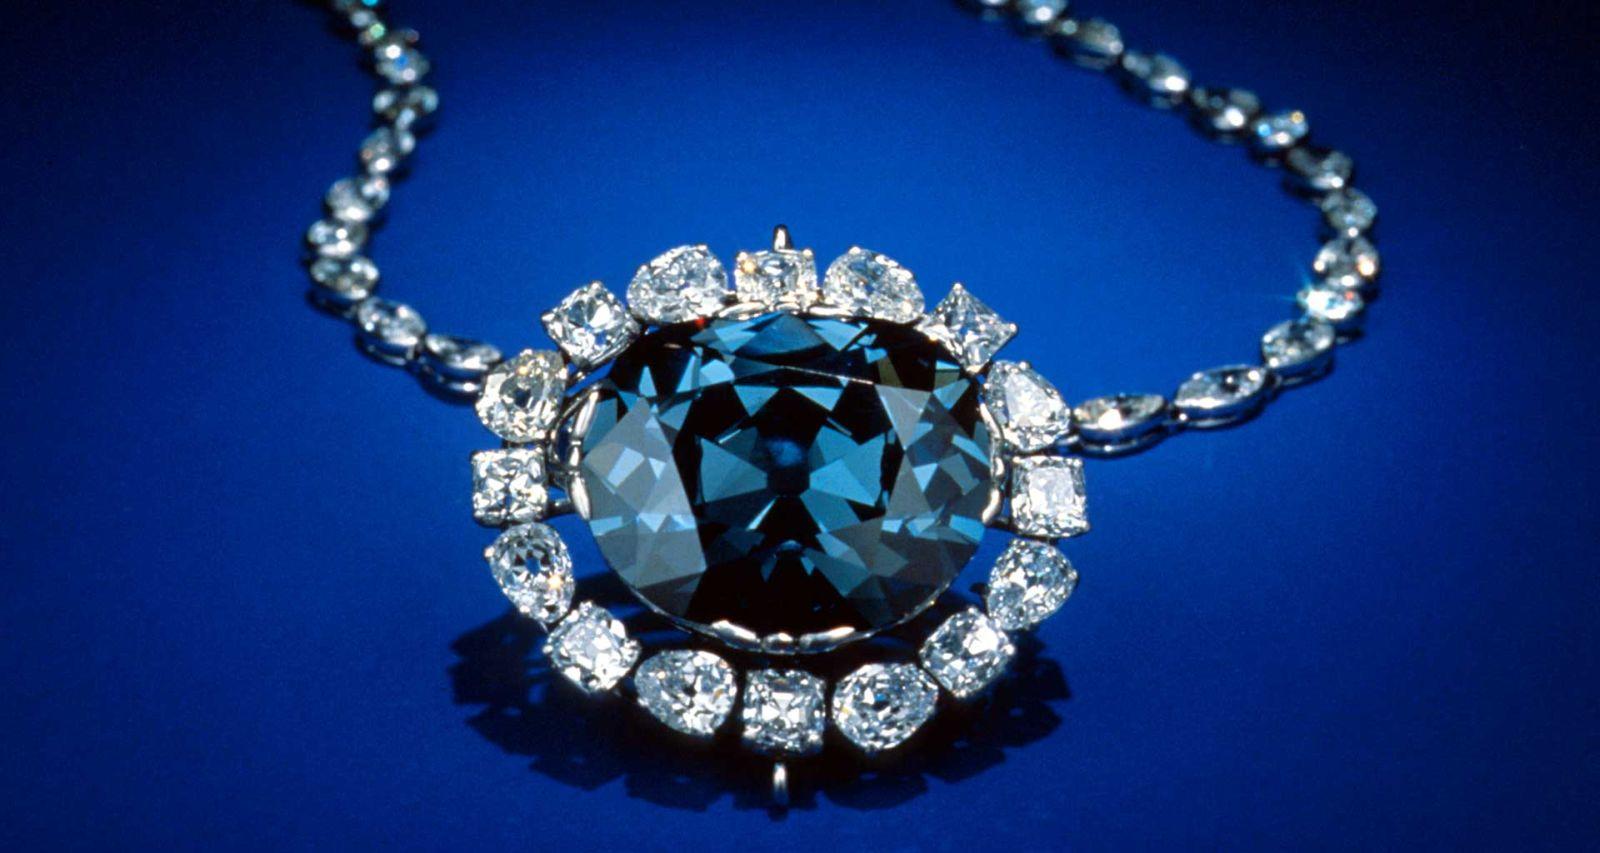 Stejně jako diamant Sancy přináší Diamant naděje svým majitelům smůlu.